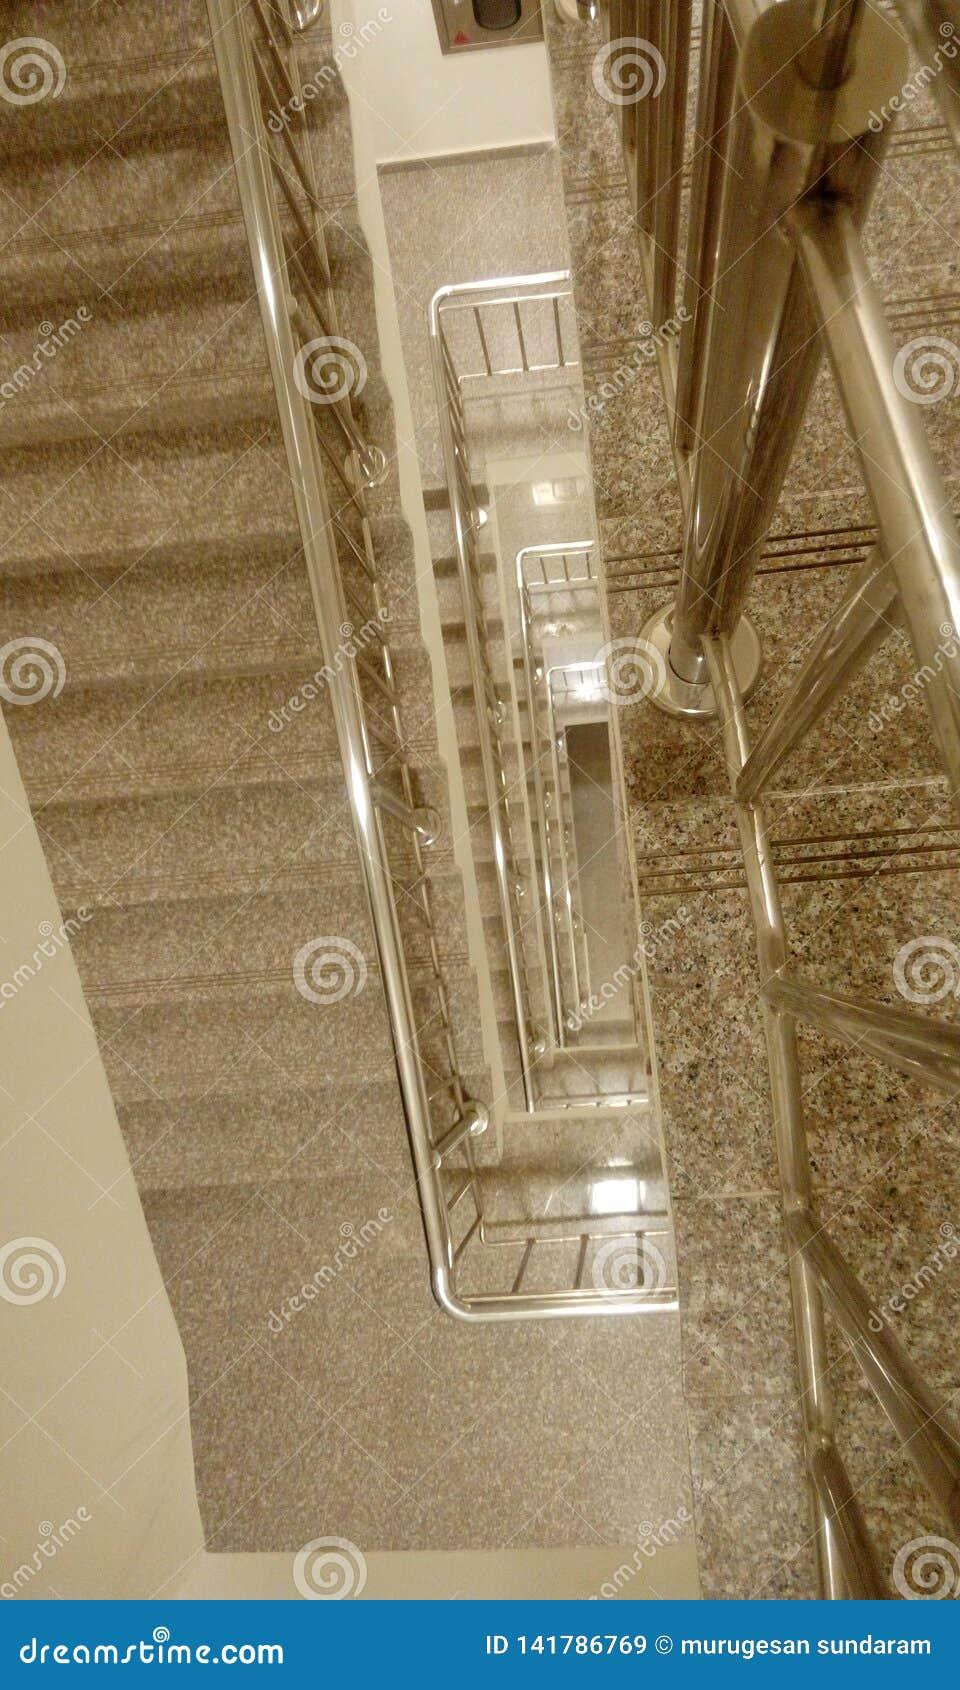 Balustrade d acier inoxydable avec les balustrades en acier dans le b?timent commercial ayant beaucoup d ?tages de la dalle midla